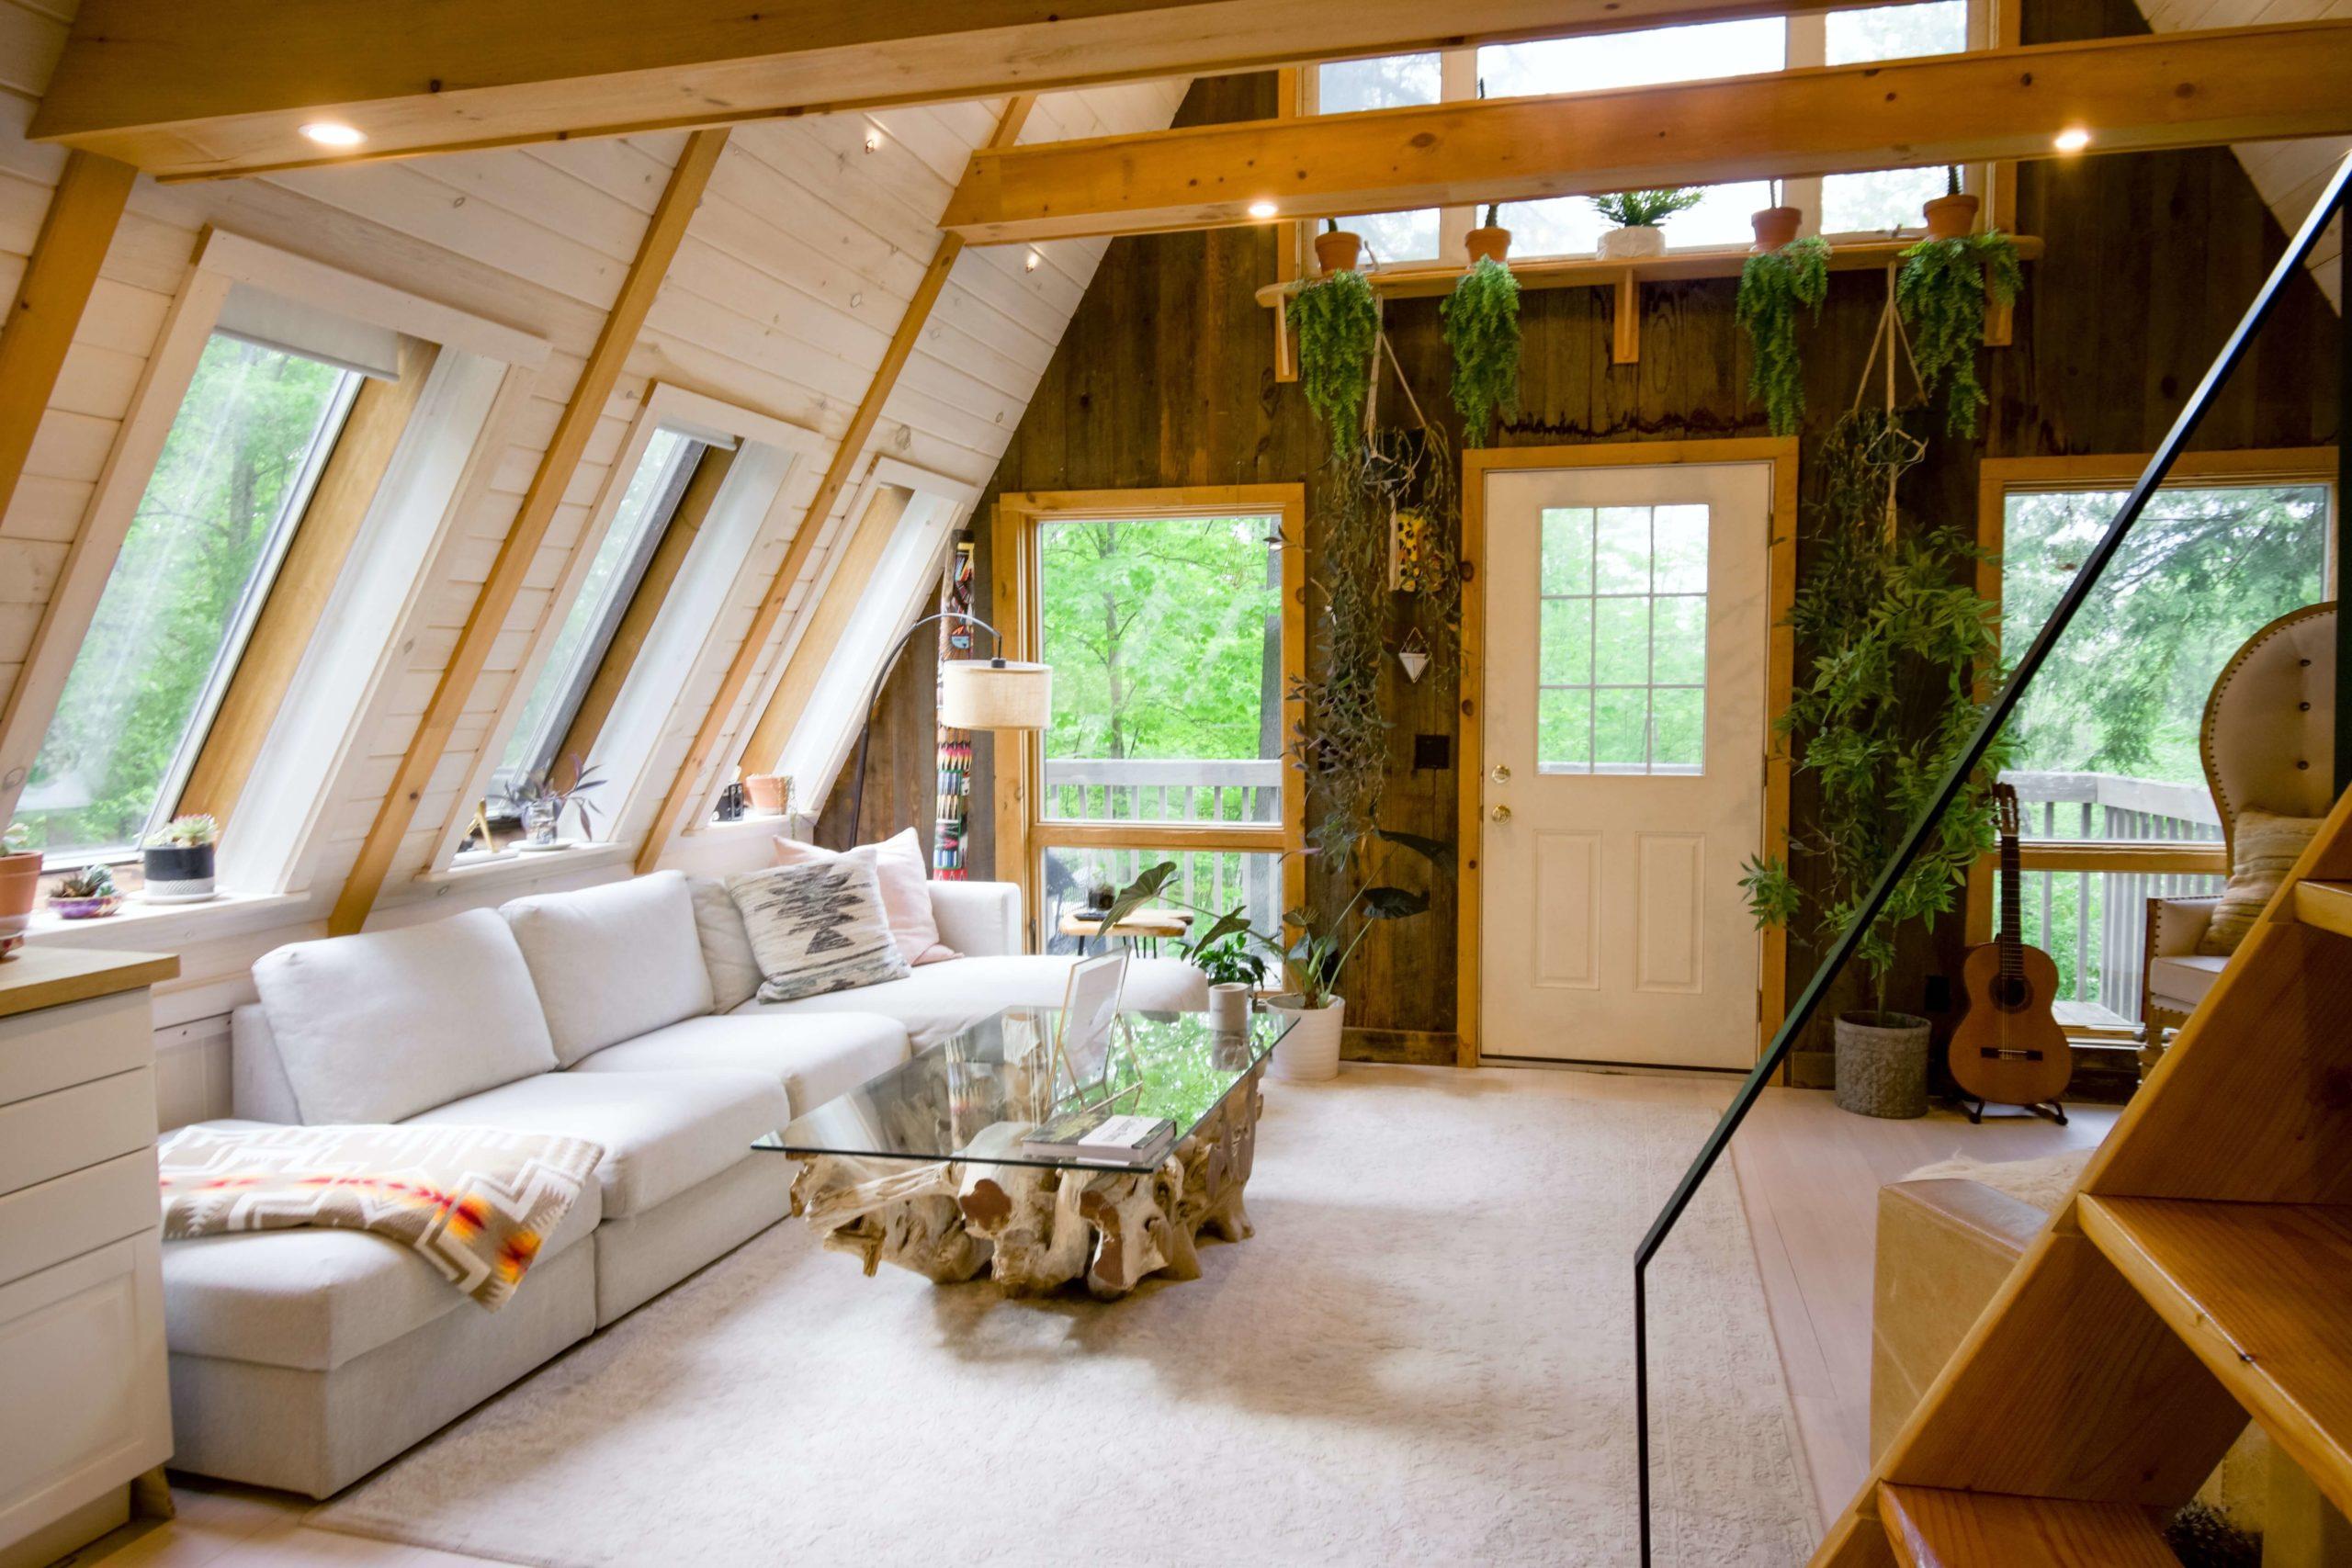 Интерьер деревянного дома (фото внутри)